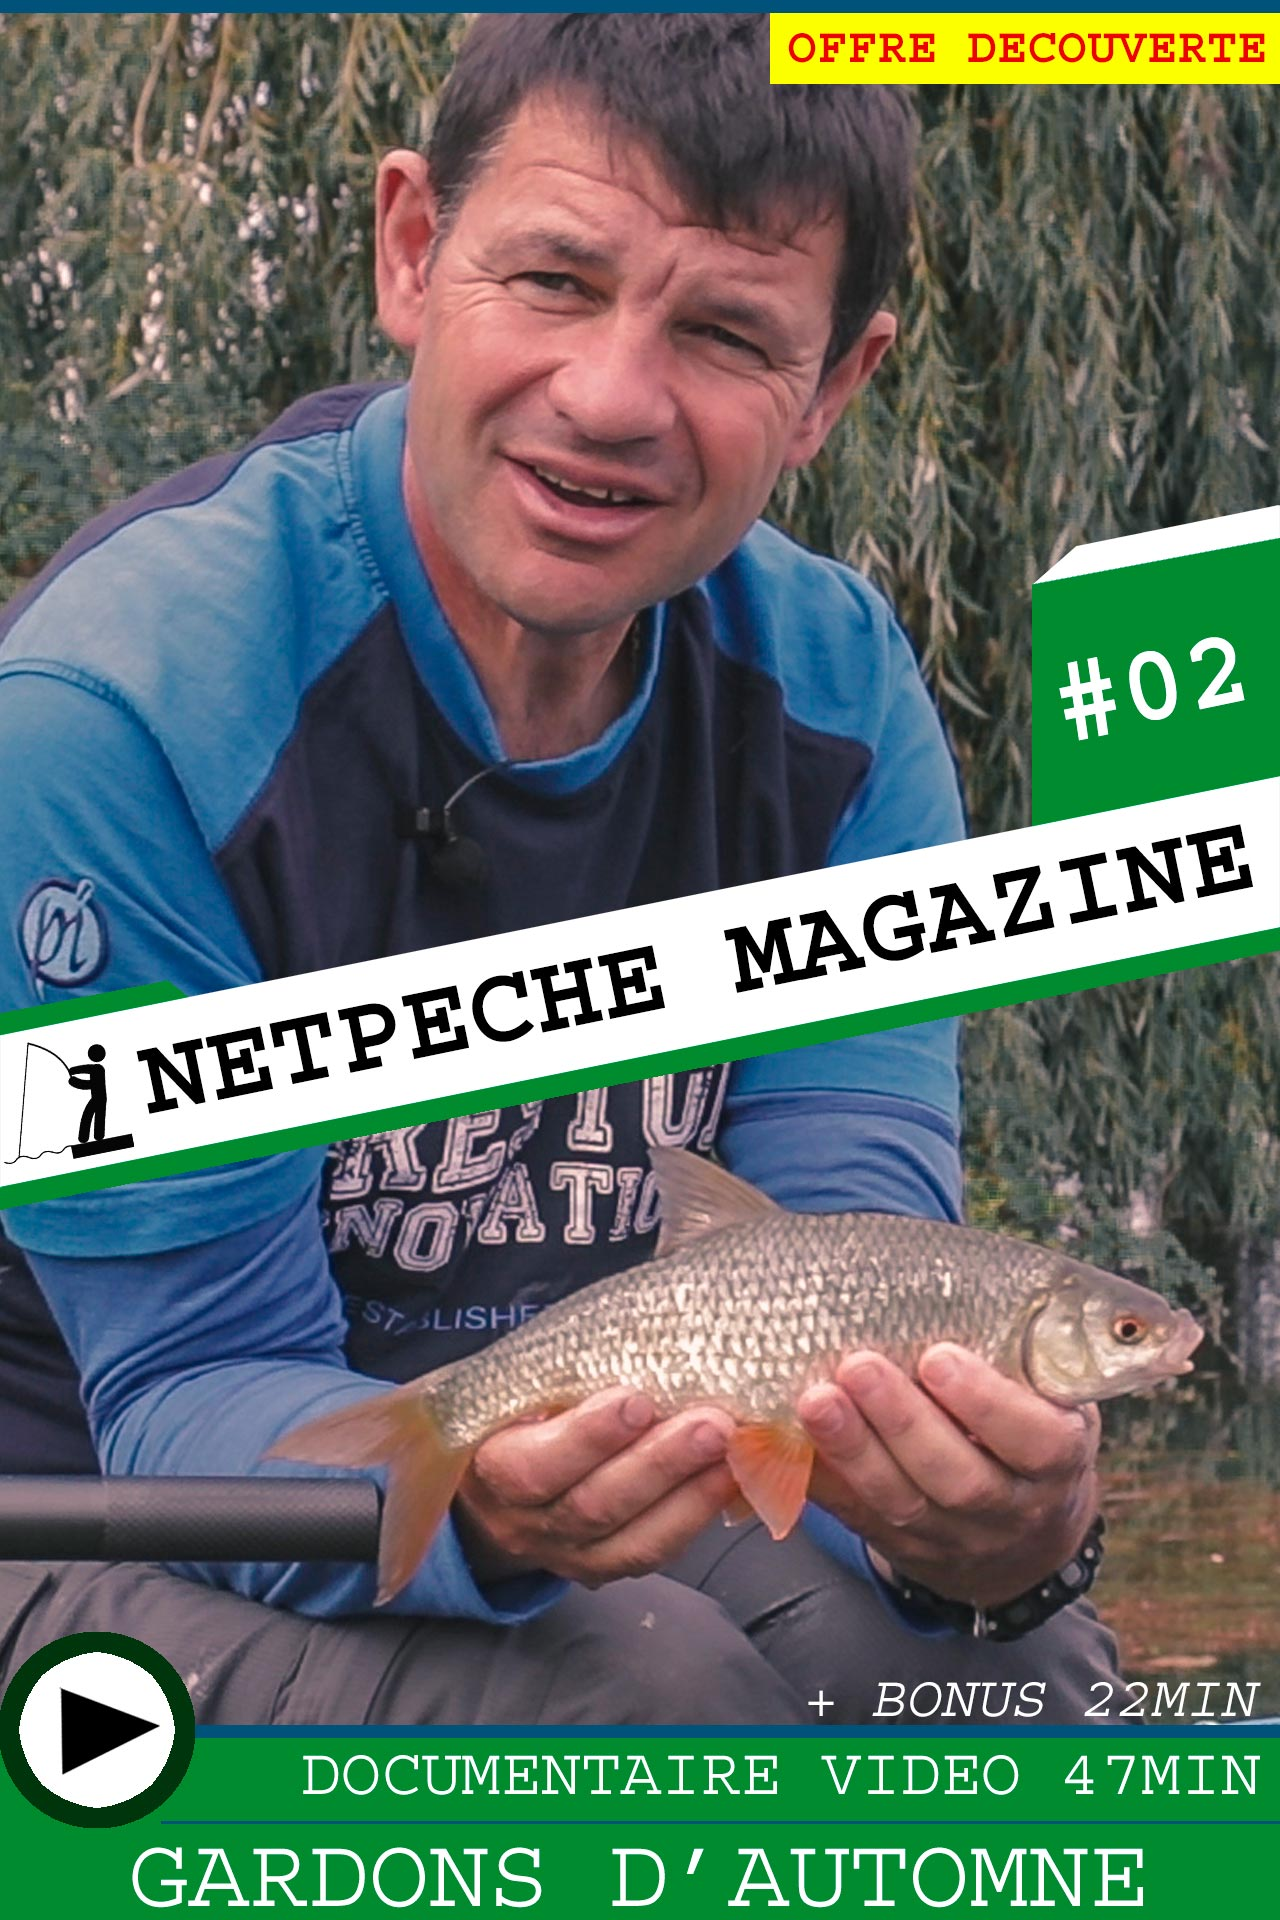 Netpeche magazine 2 p che au coup de gardons aux pellets - Montage ligne peche au coup competition ...